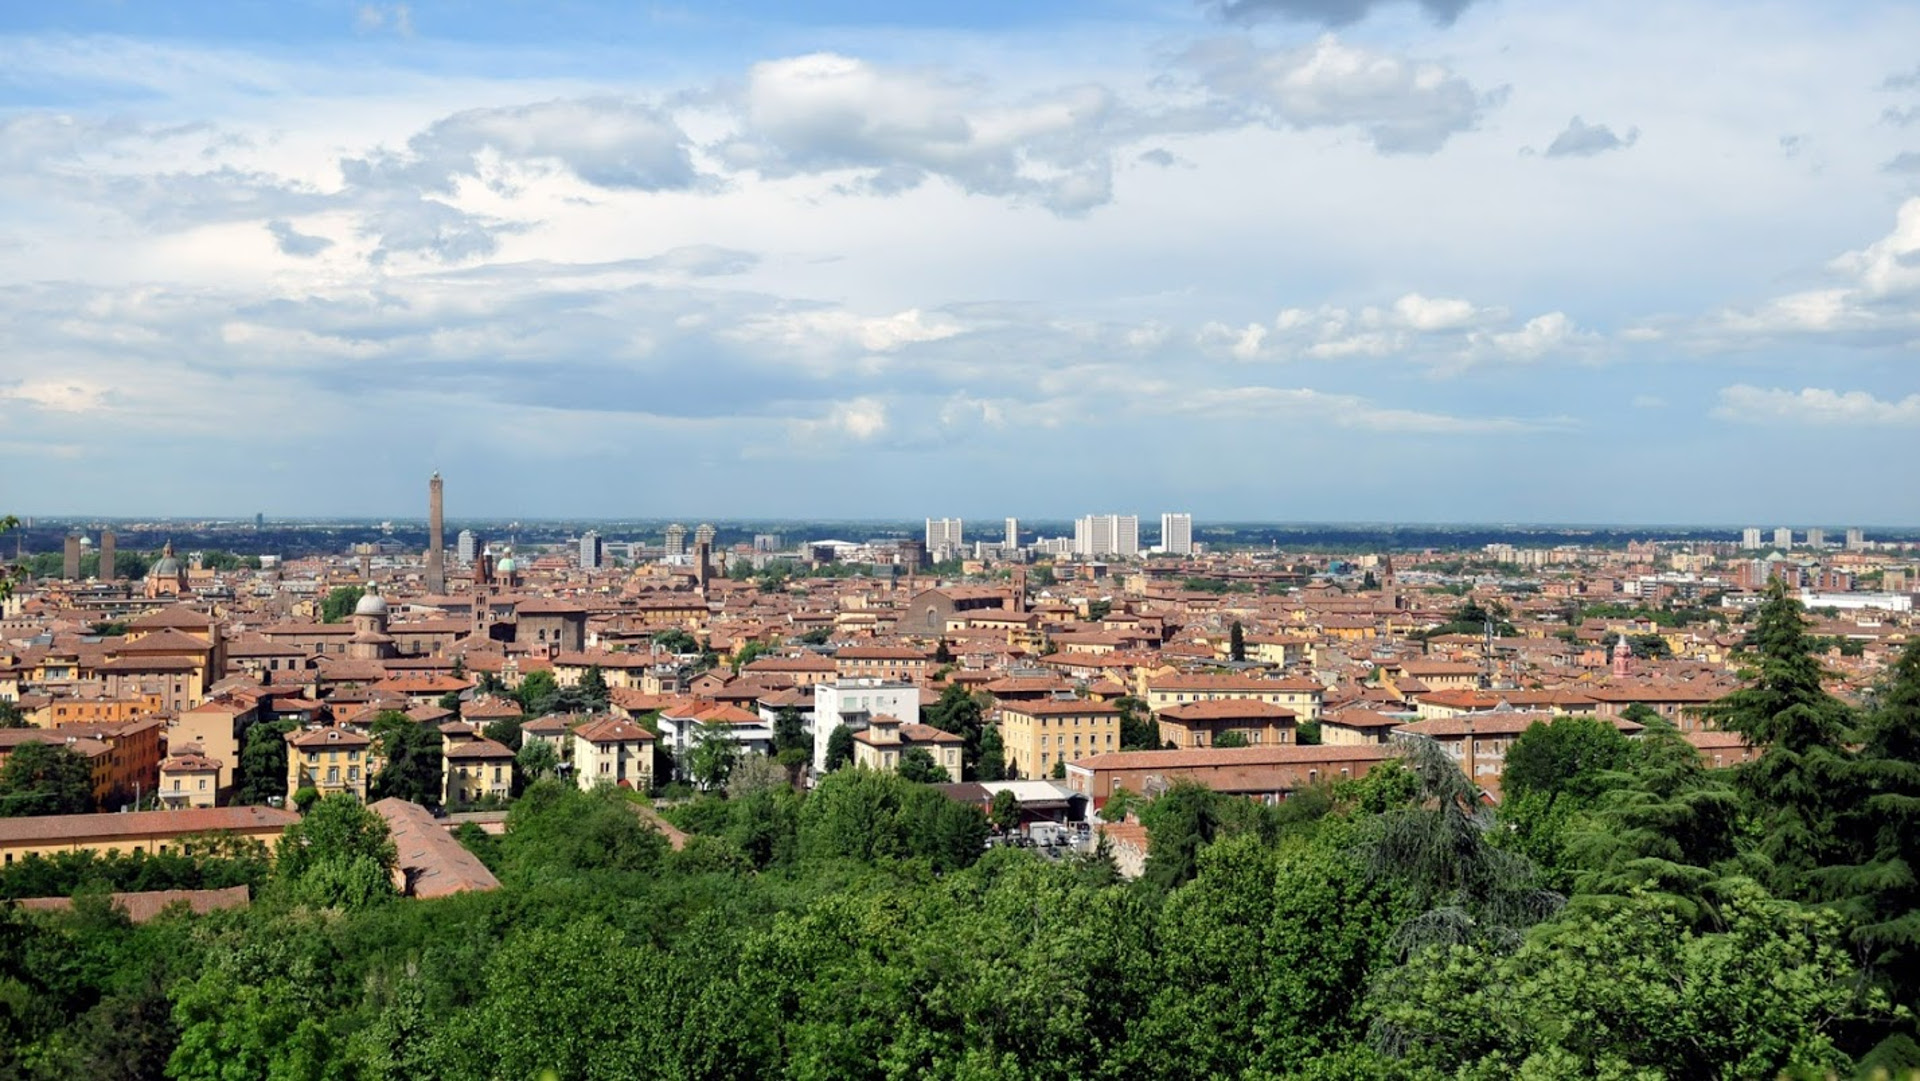 Uscito il bando per individuare il soggetto per la promozione turistica di Bologna metropolitana